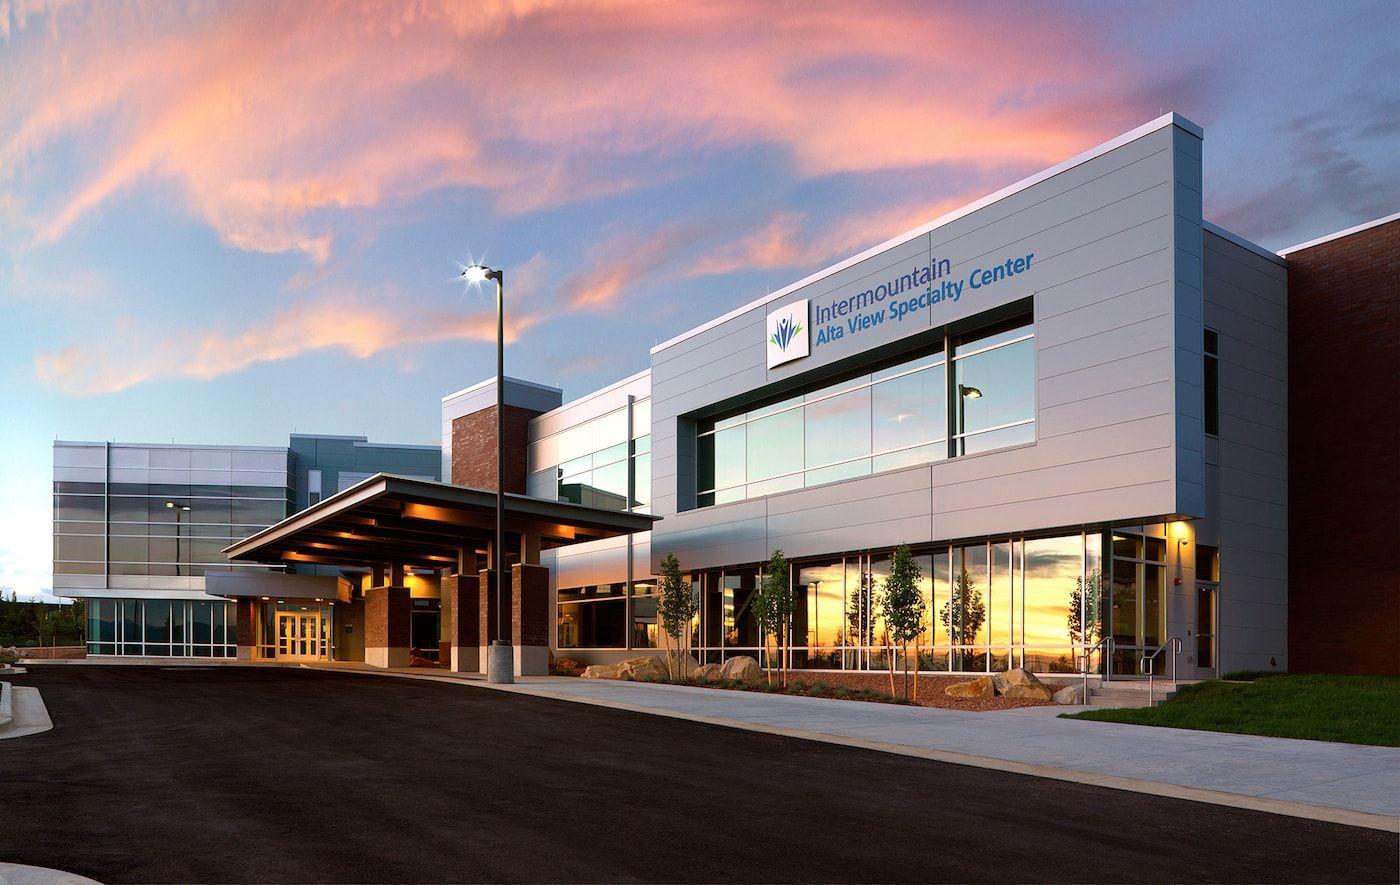 Intermountain healthcare alta view specialty center